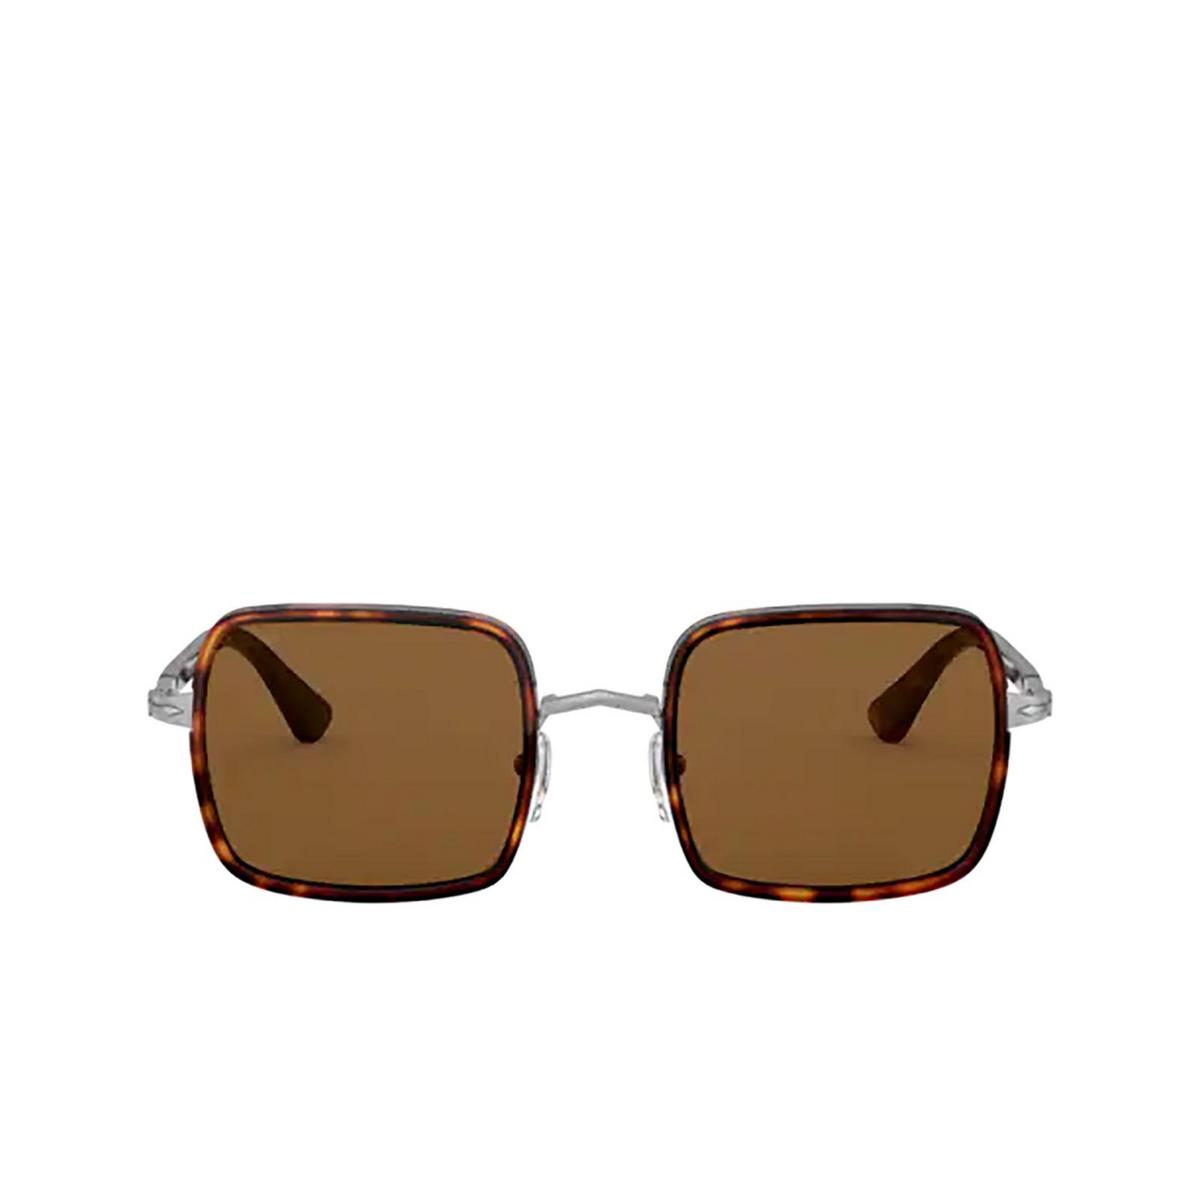 Persol® Square Sunglasses: PO2475S color Gunmetal & Havana 513/33 - front view.